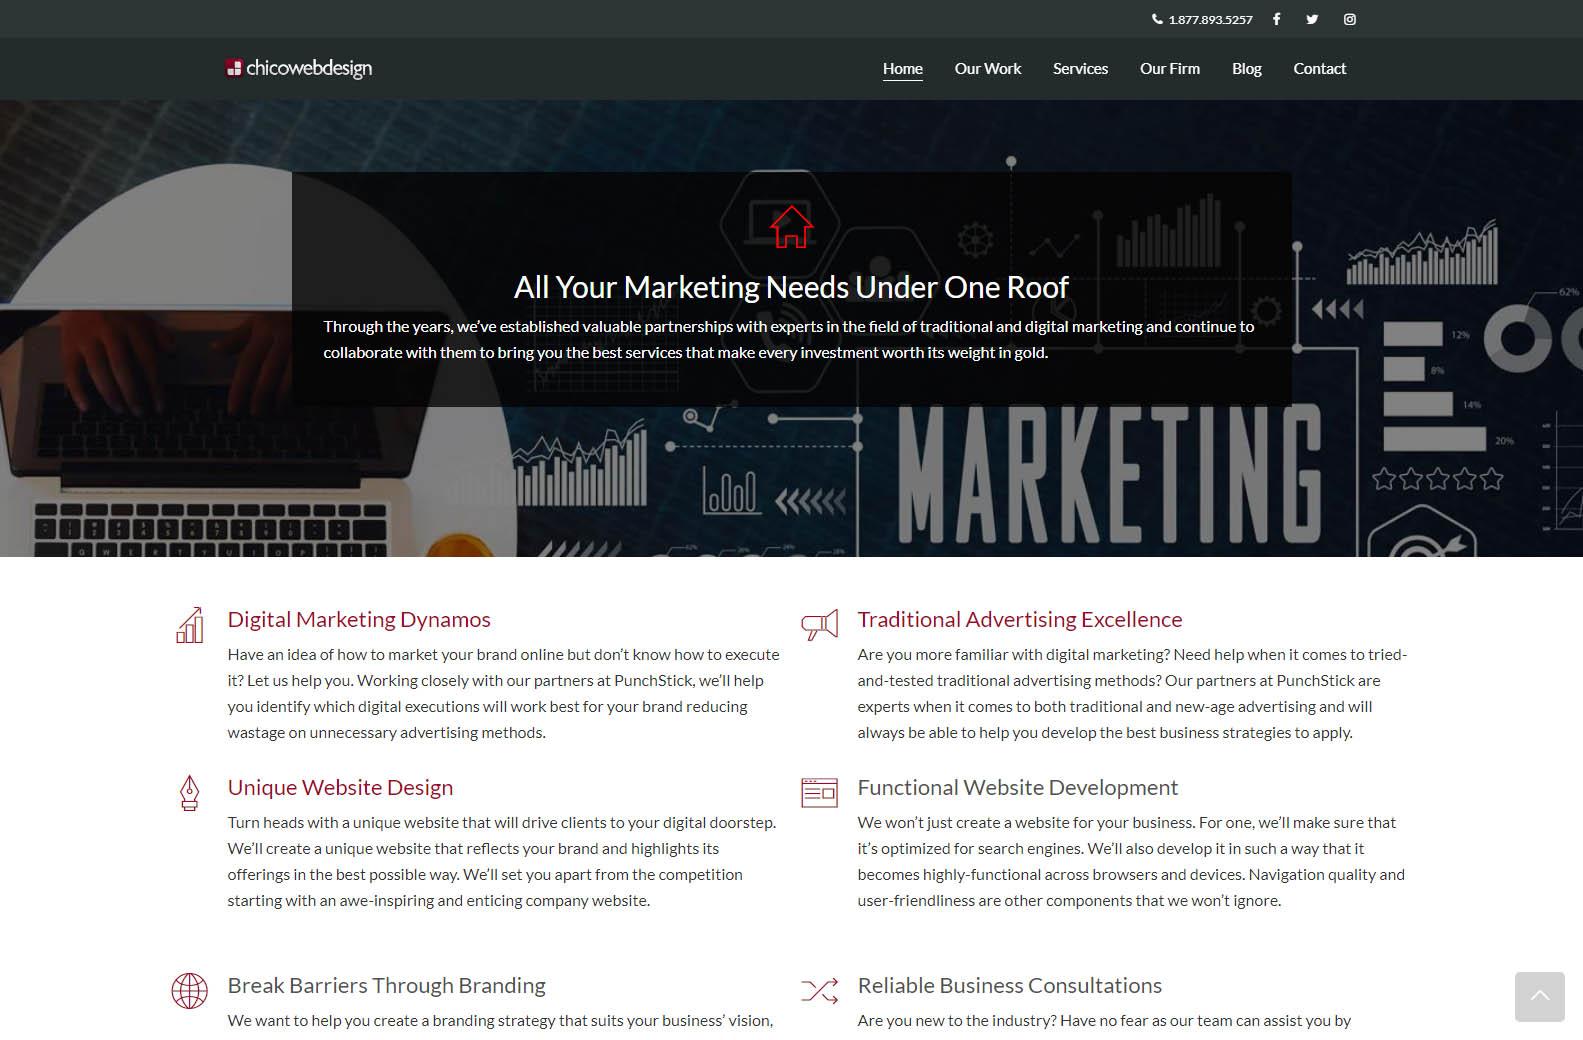 Chico - Web Agencies in California